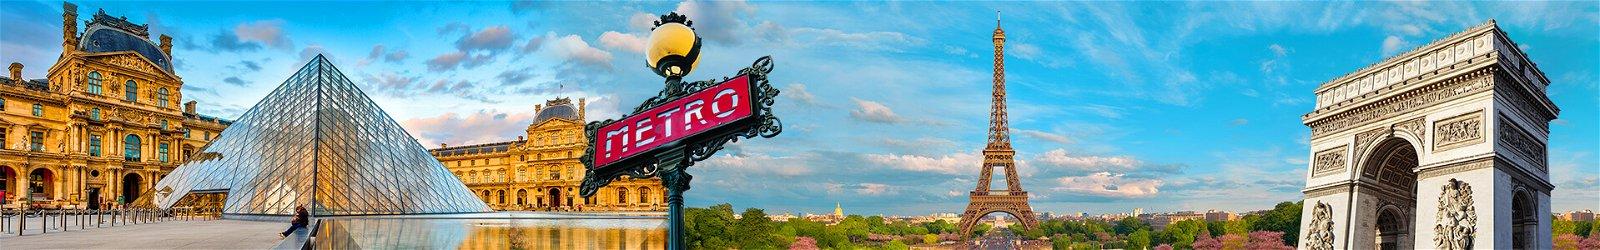 Viajes y paquetes a Paris con salidas en Enero desde México 2021